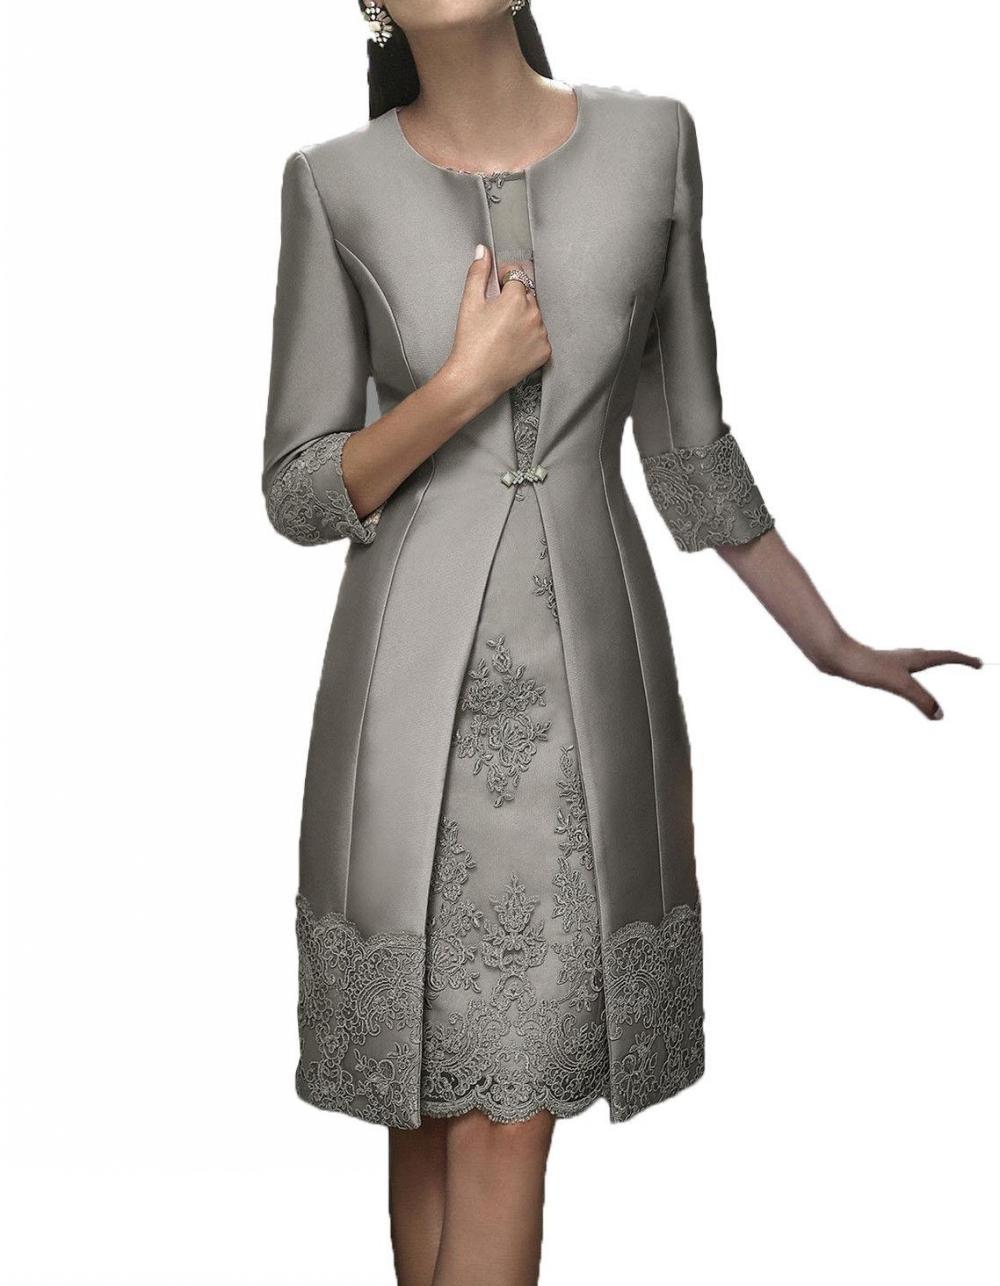 Suit-Gown Jacket Short Guest-Dresses Formal-Wear Mother-Of-The-Bride-Dress Wedding Elegant